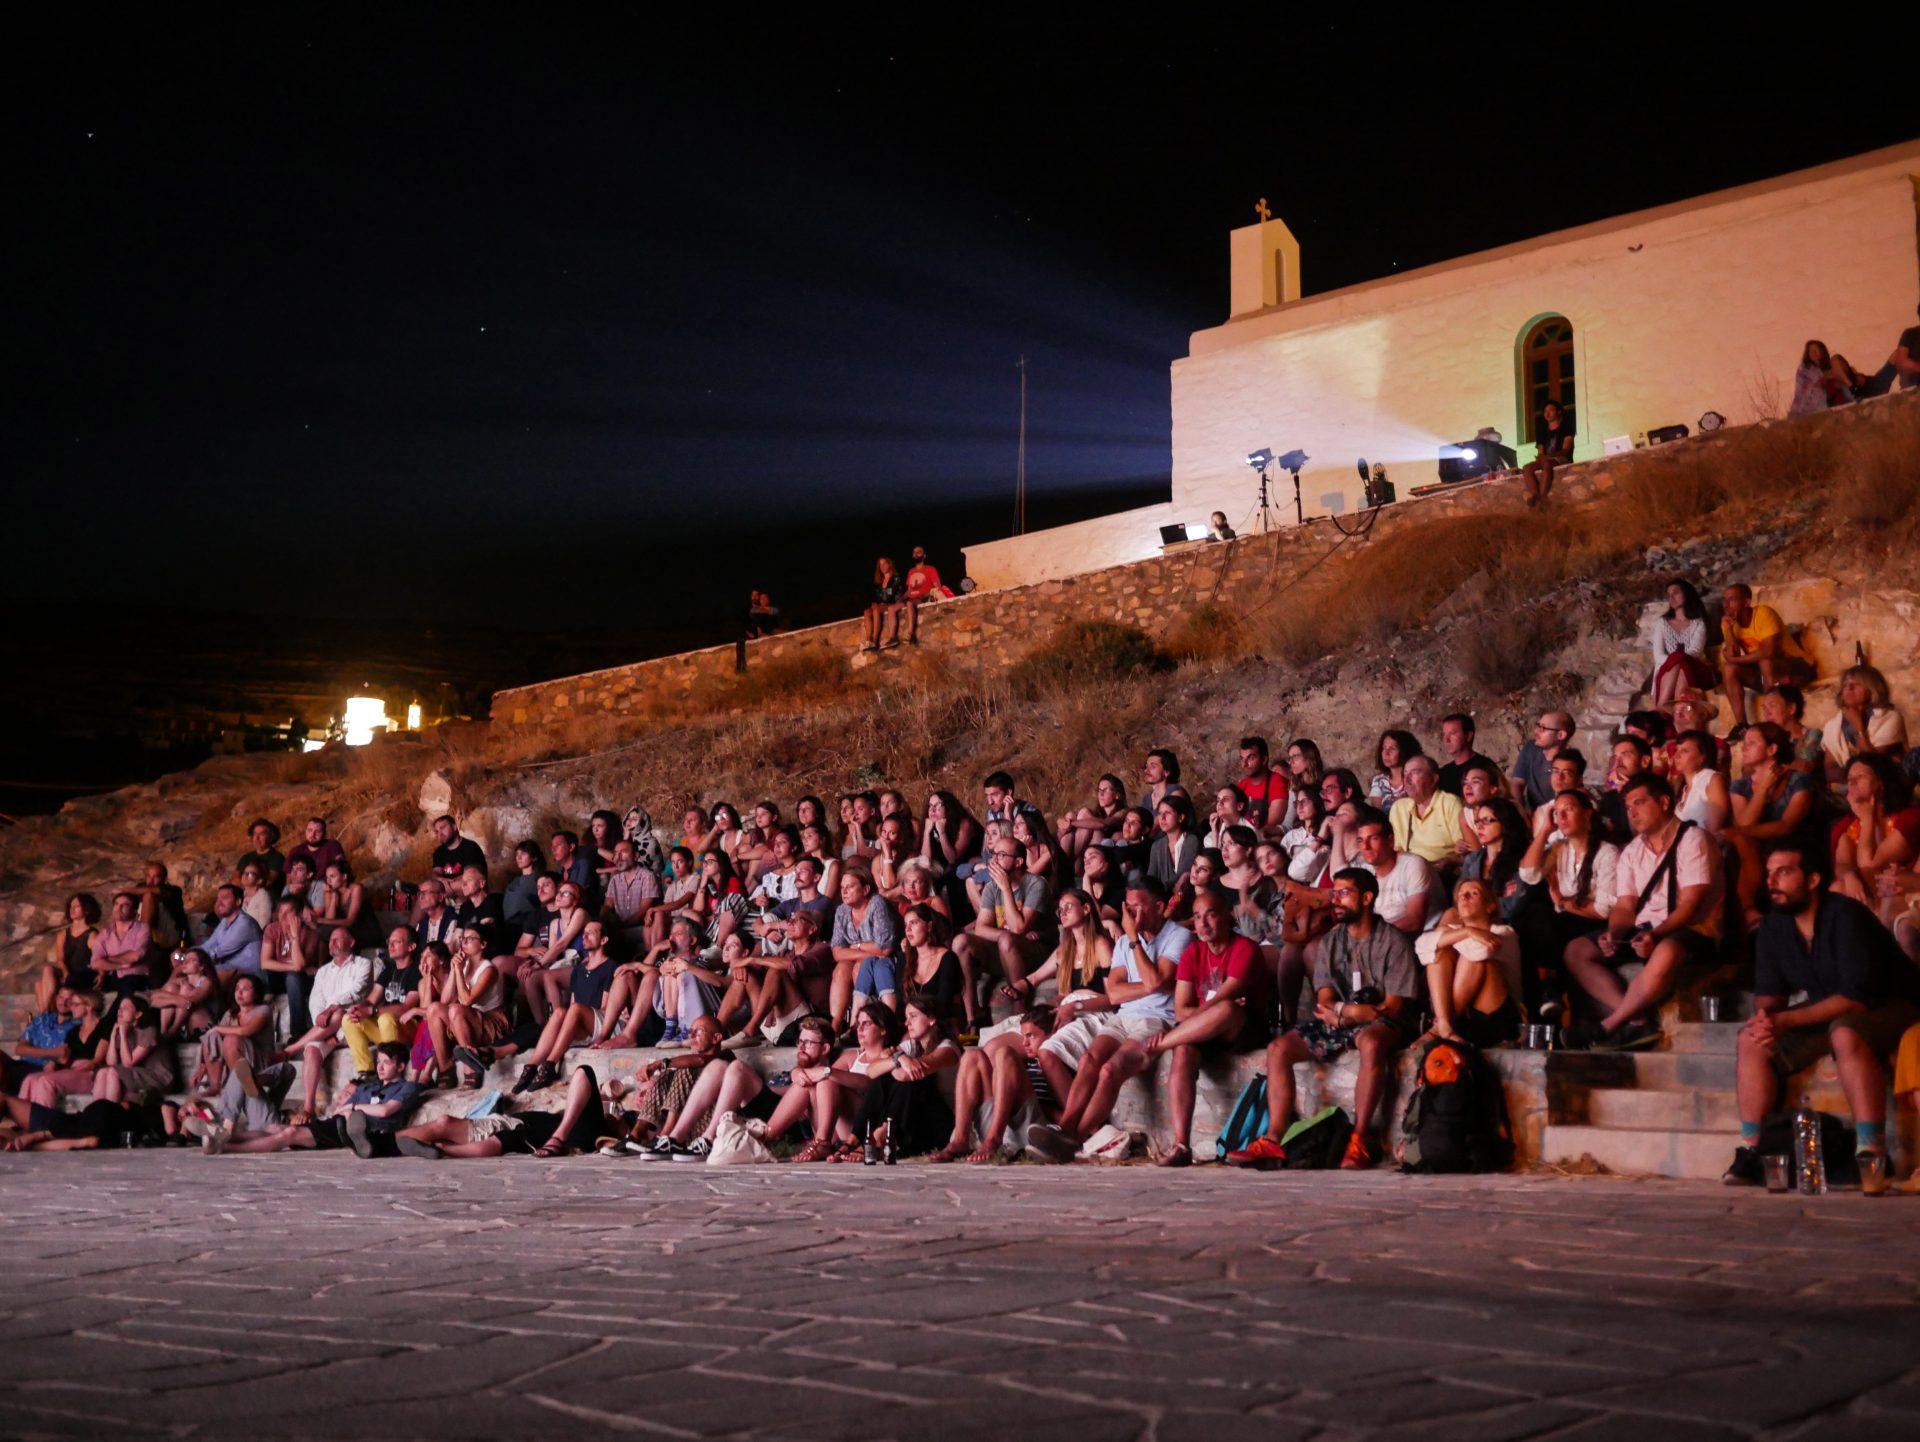 Ano Syros Amphitheater [Photo by Myrto Tzima]